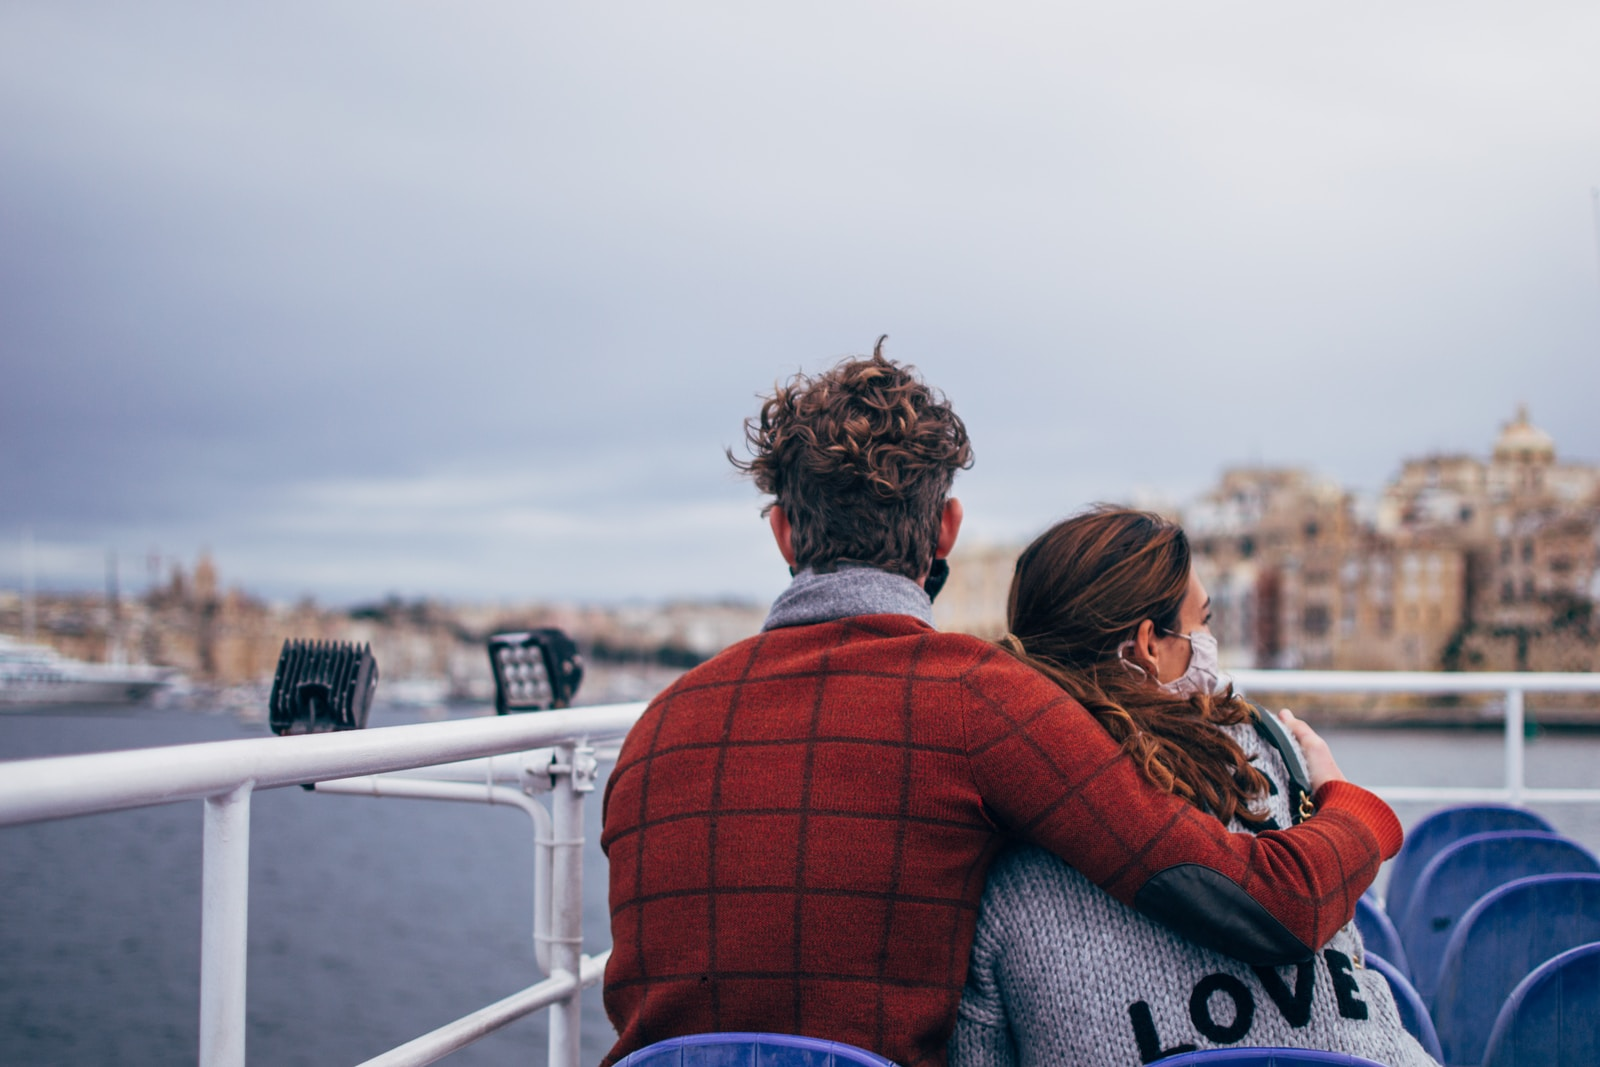 Ταξίδι με το σύντροφο-Μήνας του μέλτιτος